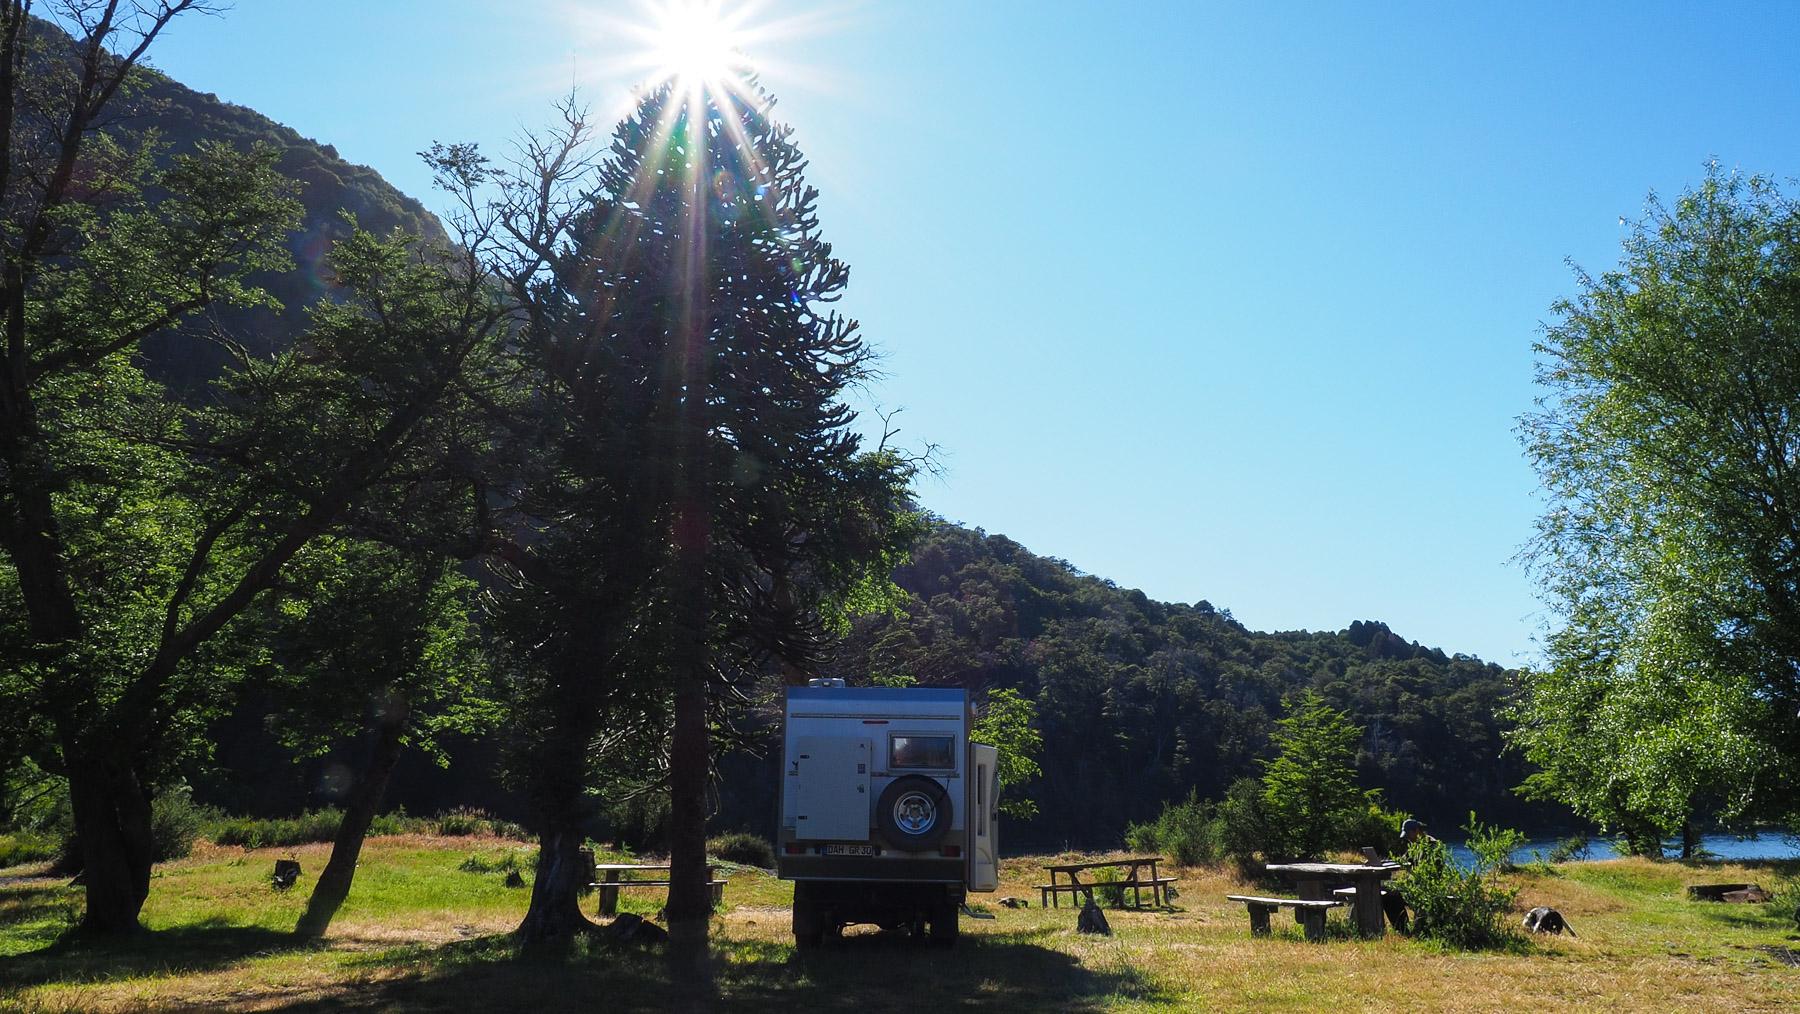 Stellplatz neben einem Urbaum